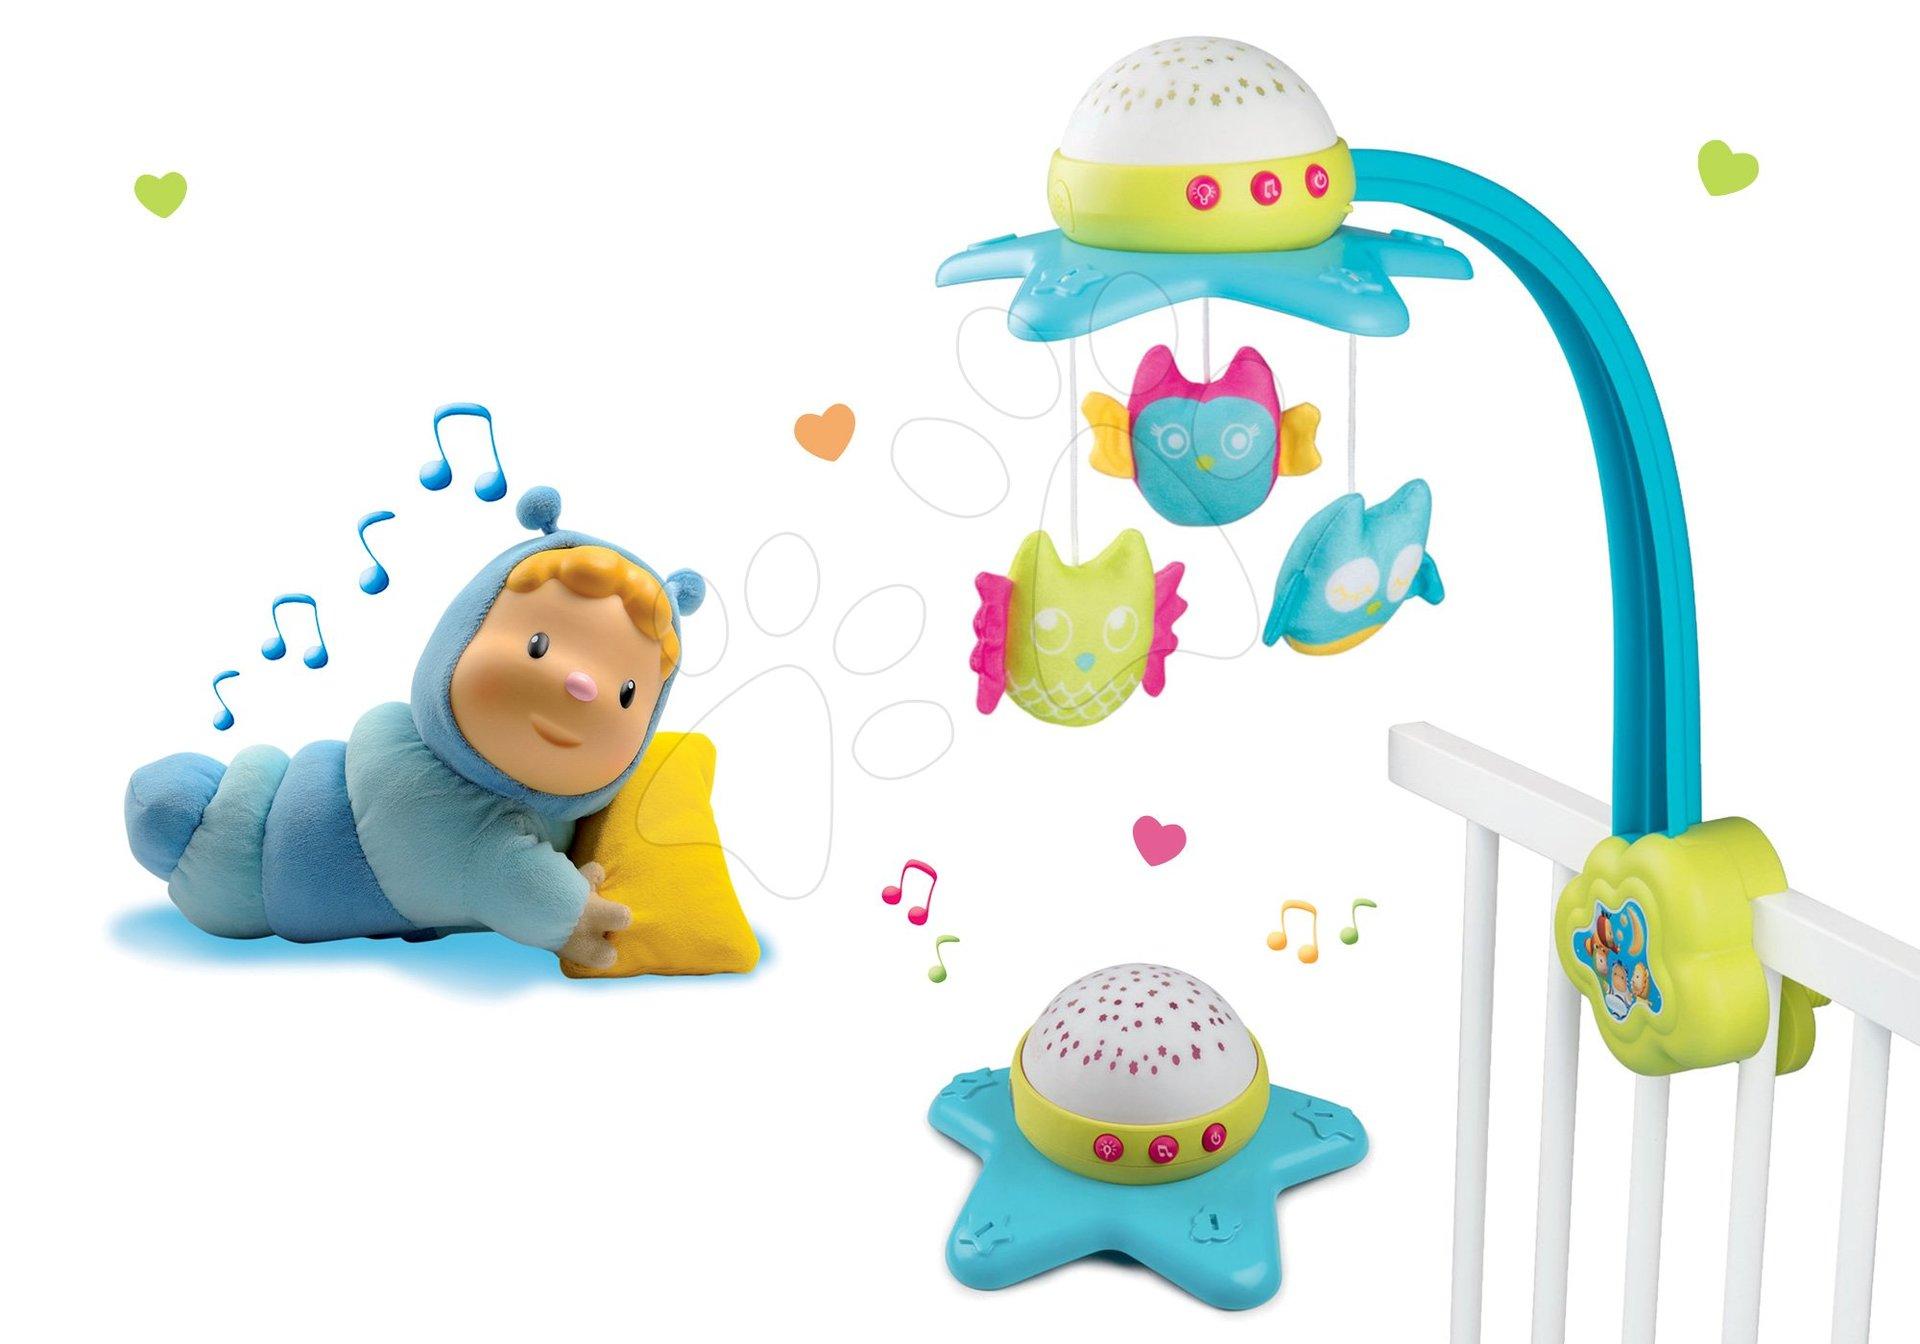 Komplet vrtiljak za posteljico Star Cotoons 2v1 Smoby s sovicami in svetleča figurica Chowing za posteljico